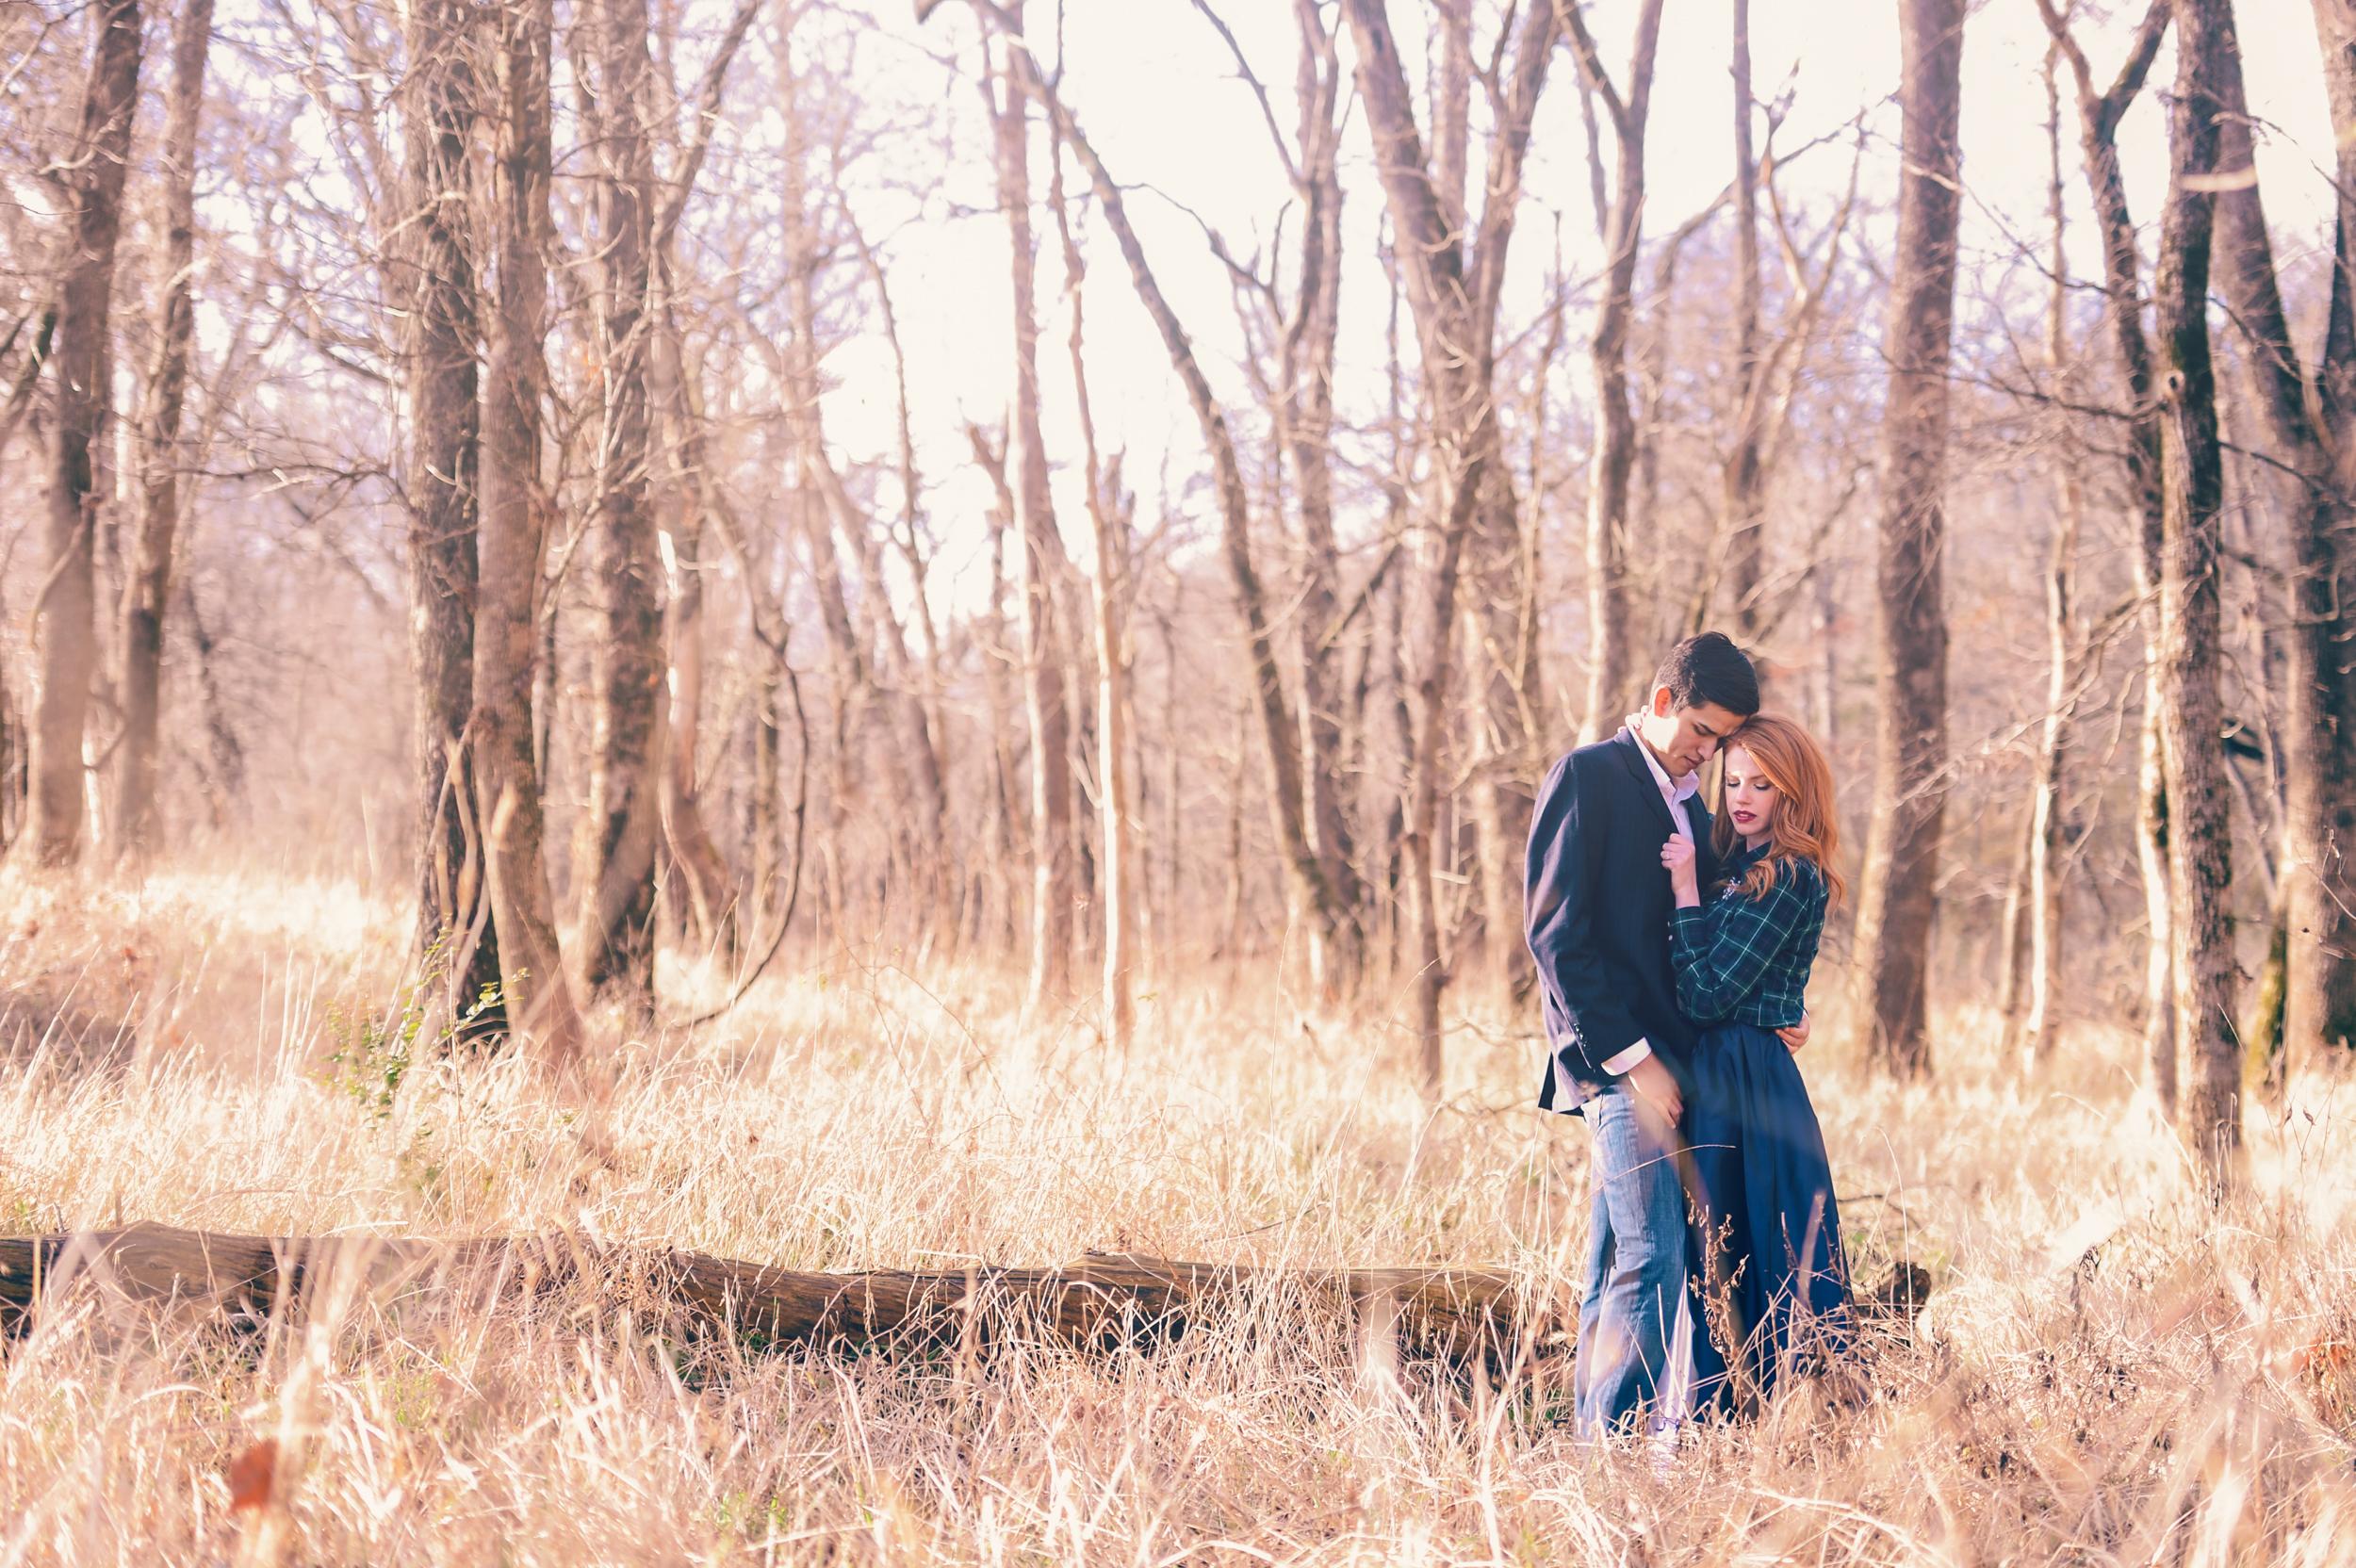 engagementscolor©2015mileswittboyer-82.jpg